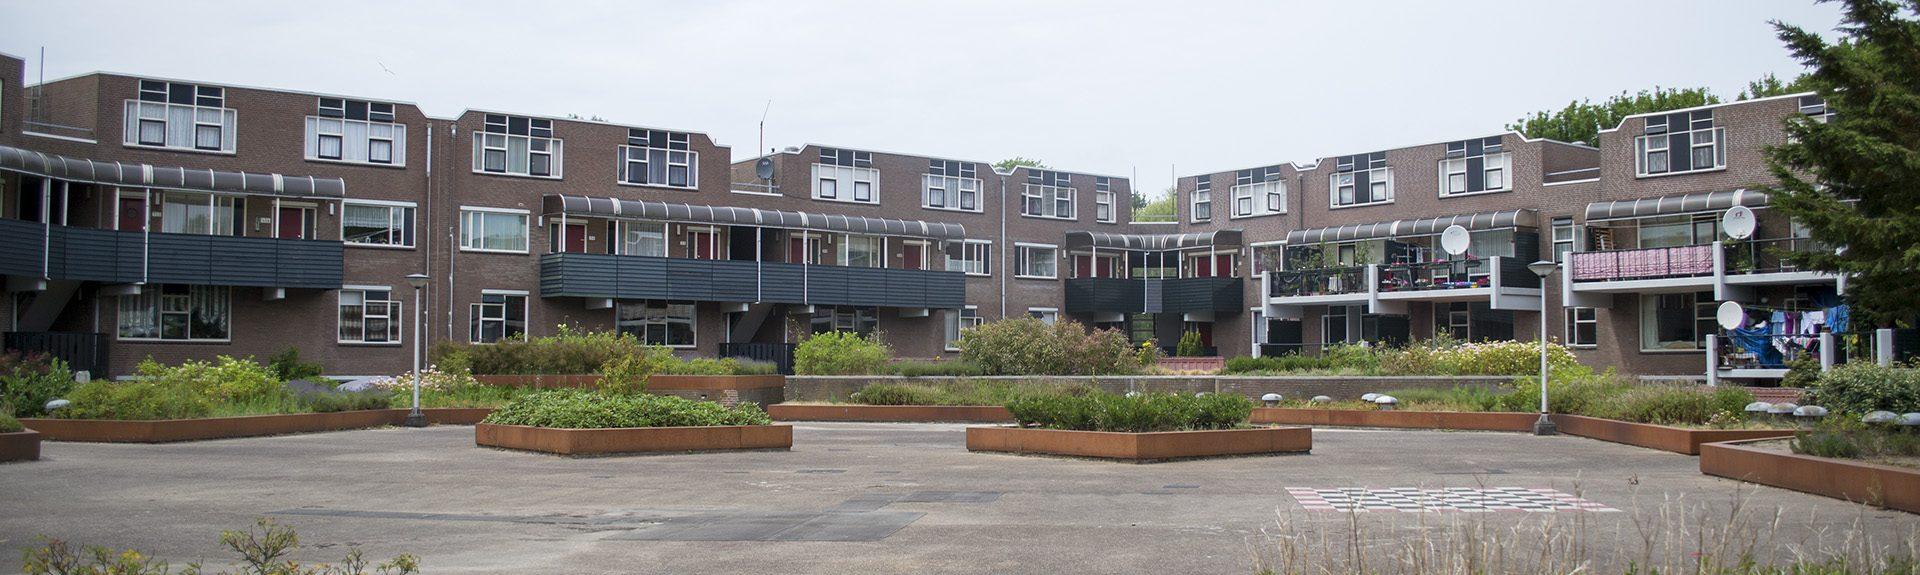 Haag Wonen onderhoud 2